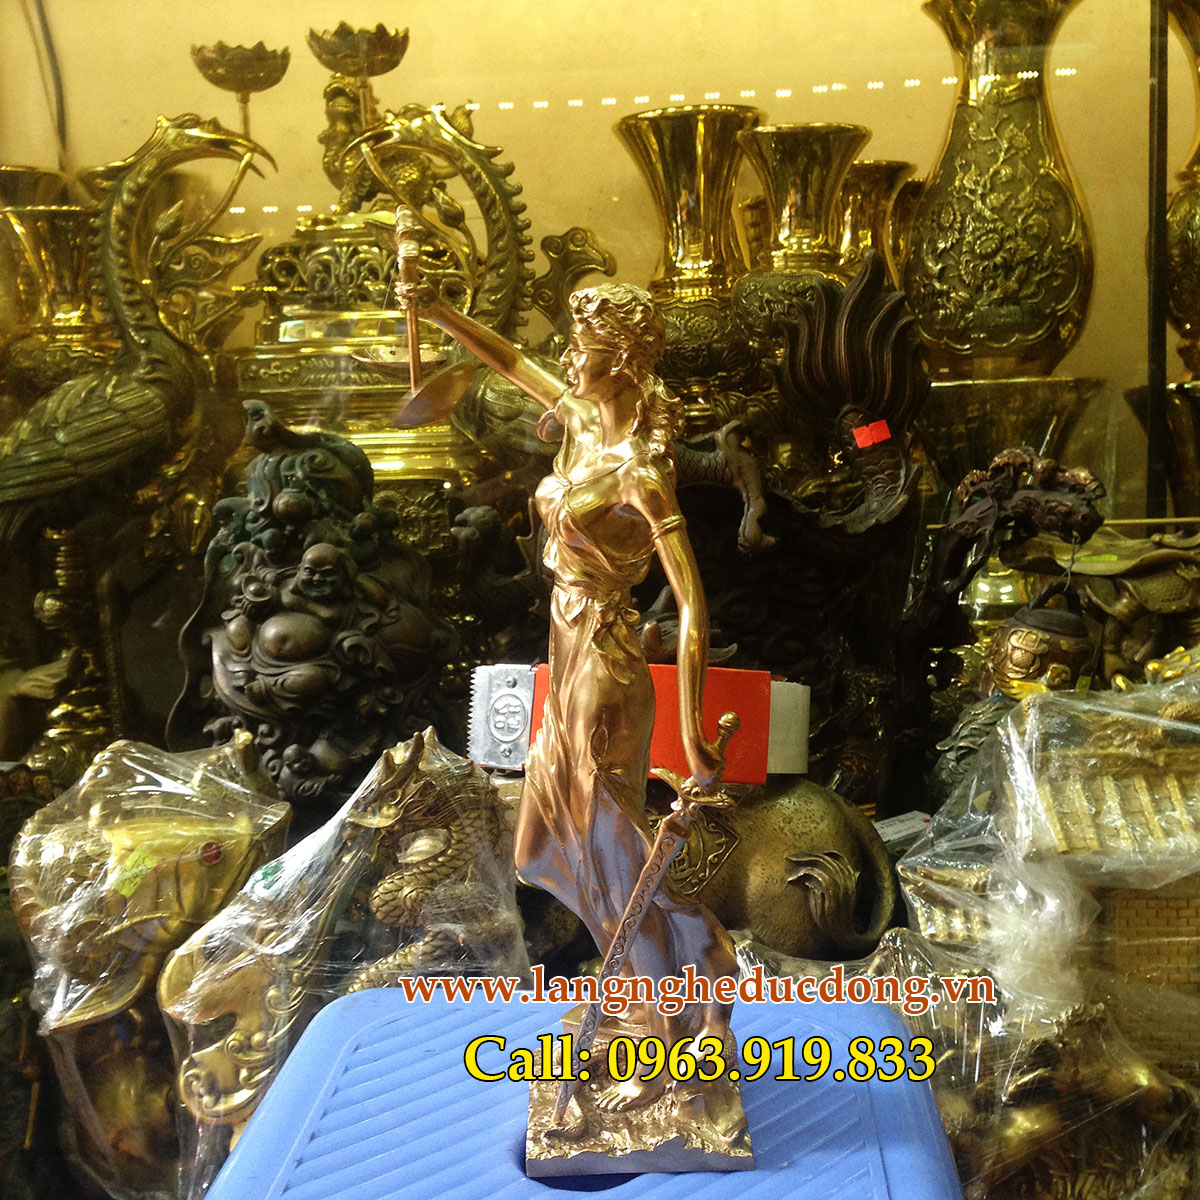 langngheducdong.vn - tượng đồng nữ thần công lý, bán tượng đồng, giá bán tượng nữ thần công lý